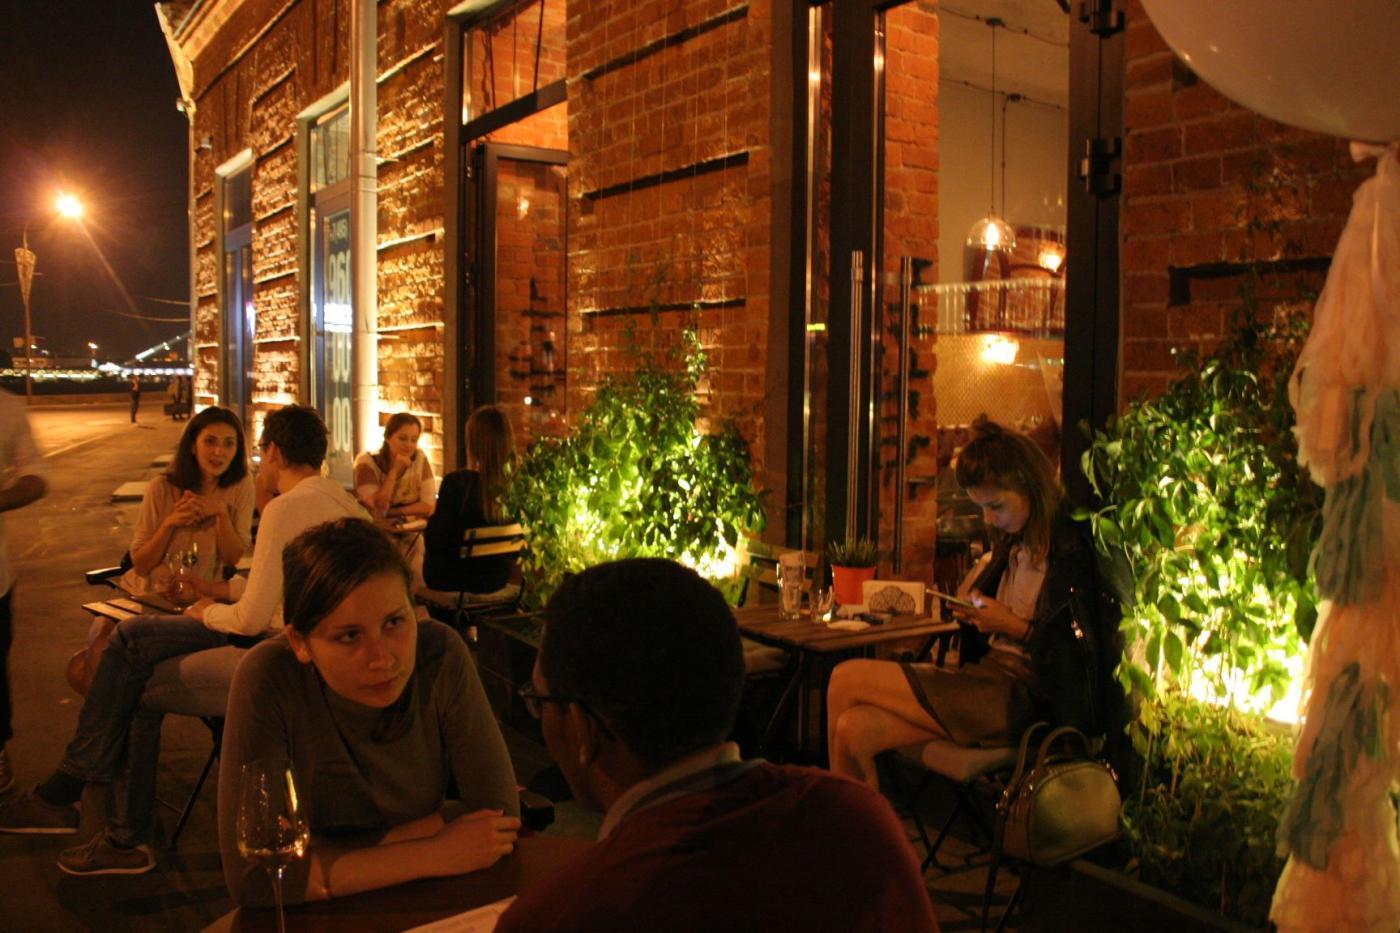 Ресторан Peter Cafe Пречистенская набережная (Petit Pierre Cafe) фото 32